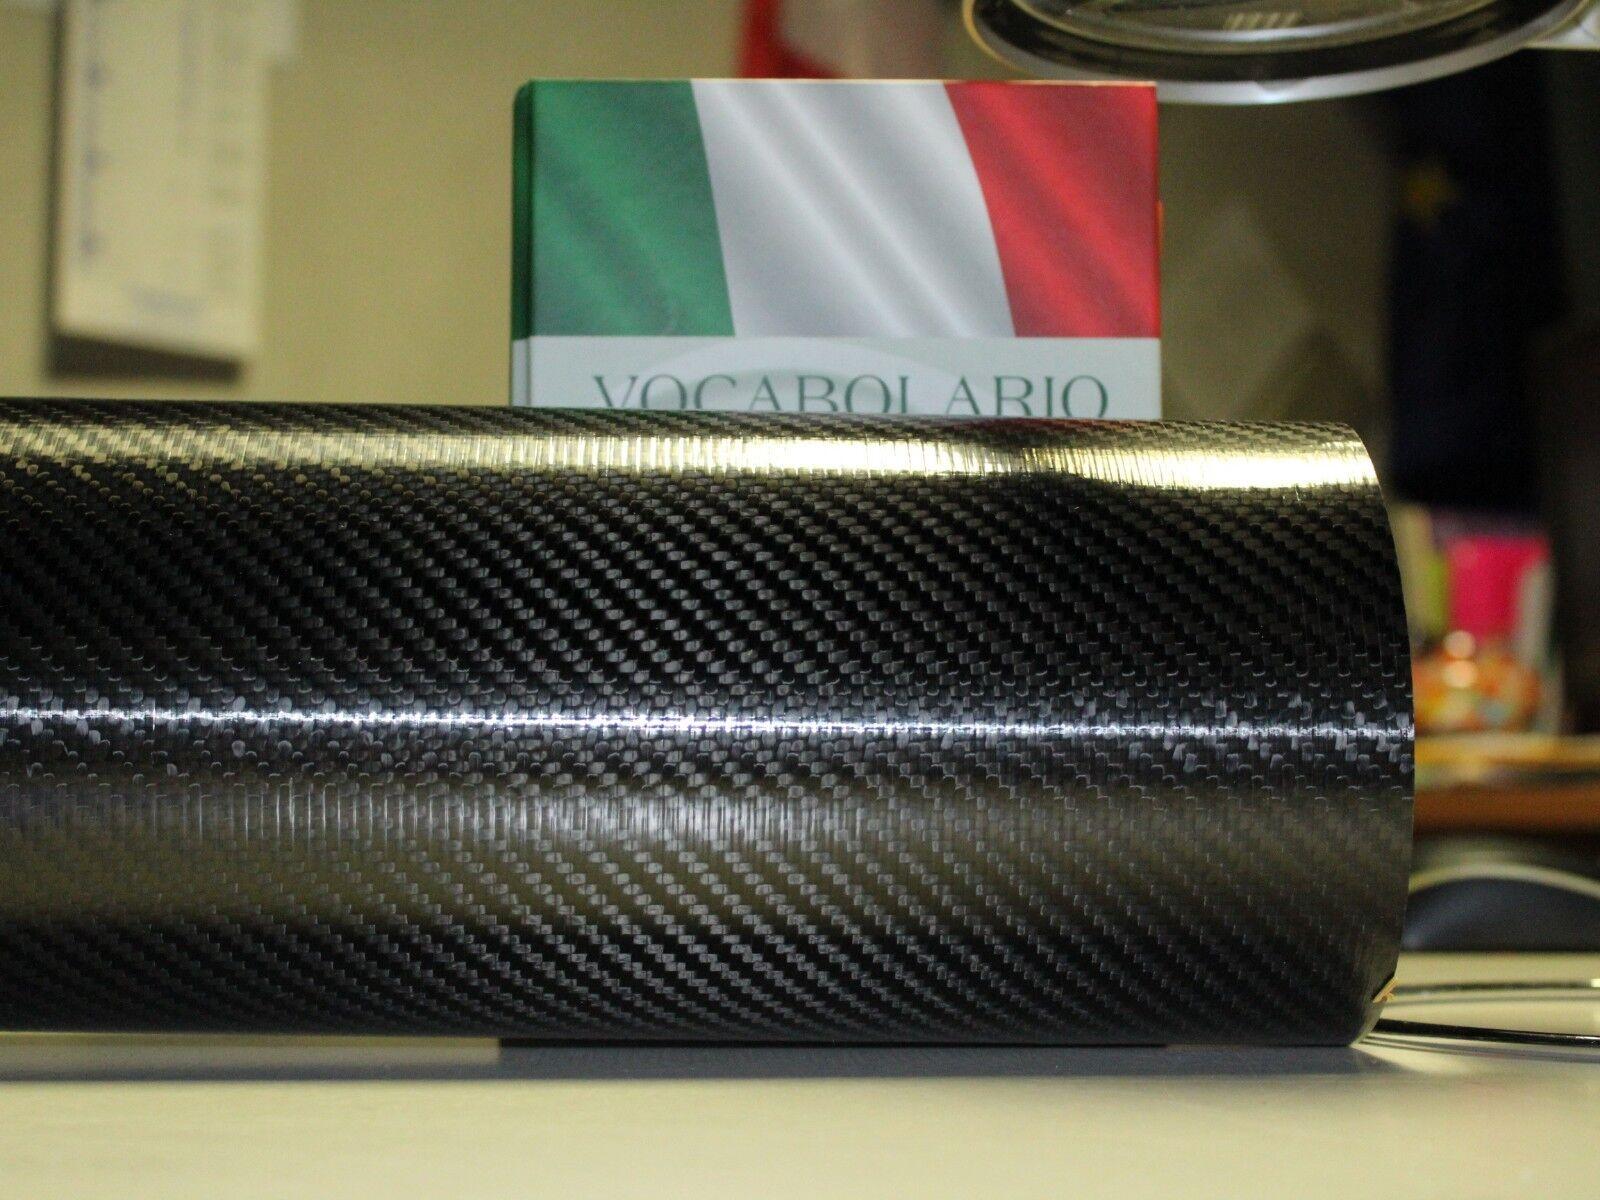 Tubo in fibra carbon twill3k x costruzioni modellistiche est20 int18 lung.1000mm